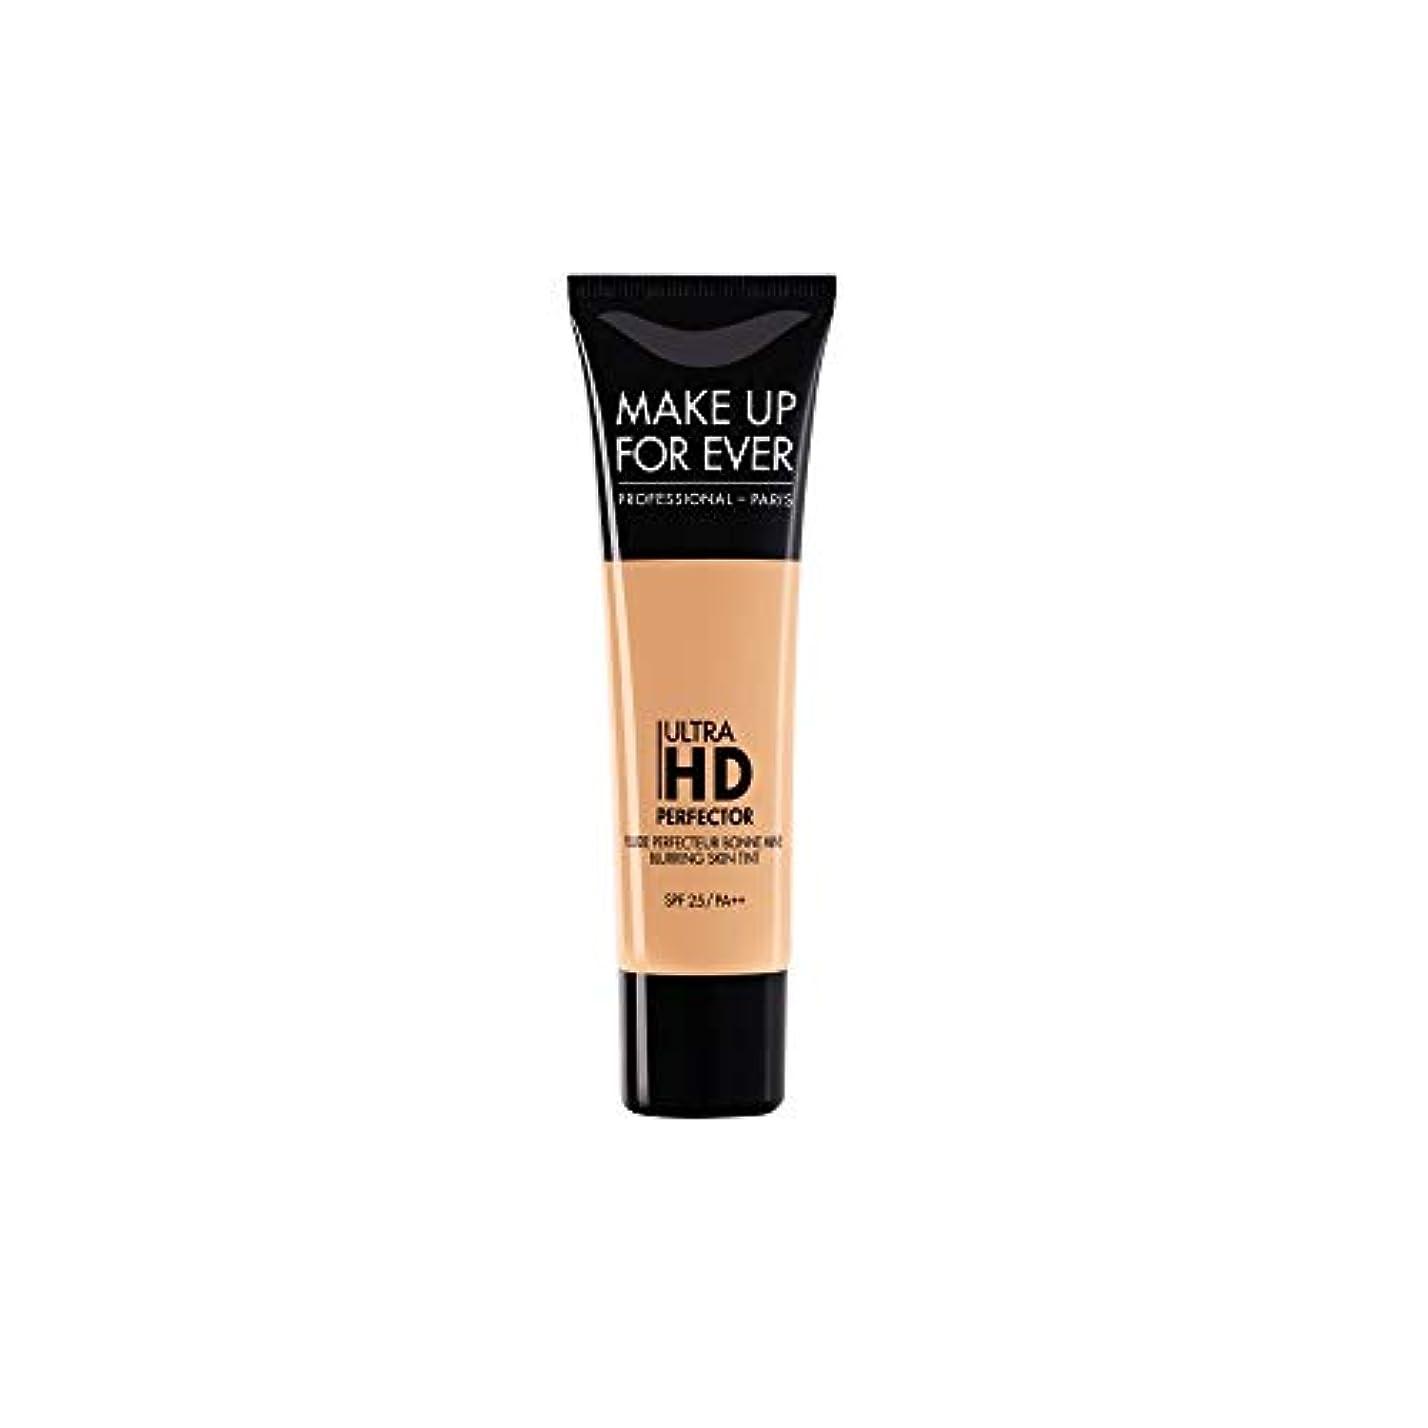 飢饉絶滅した選出するメイクアップフォーエバー Ultra HD Perfector Blurring Skin Tint SPF25 - # 07 Golden Apricot 30ml/1.01oz並行輸入品